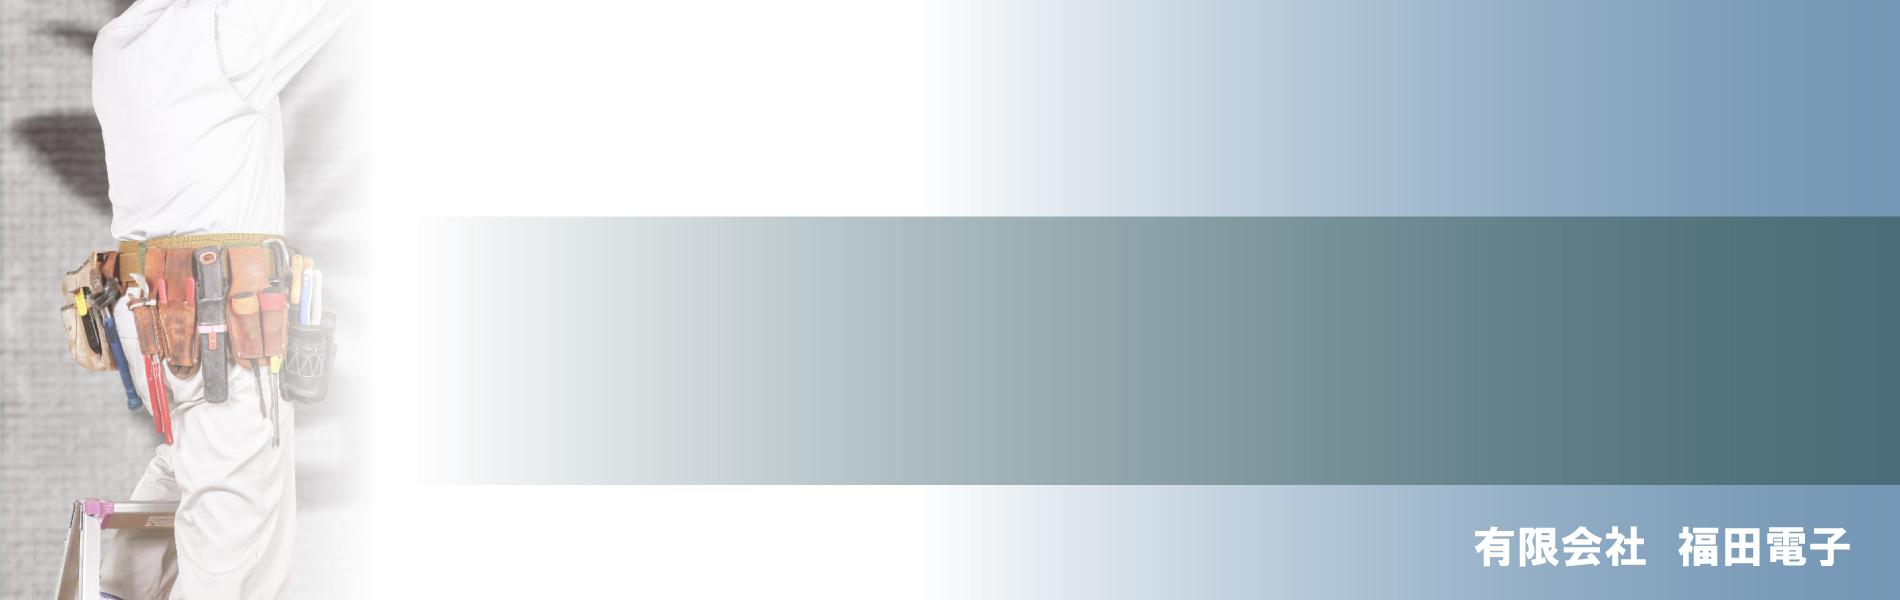 福田電子の求人・協力店募集ページ|電気工事士募集/電気工事協力店募集